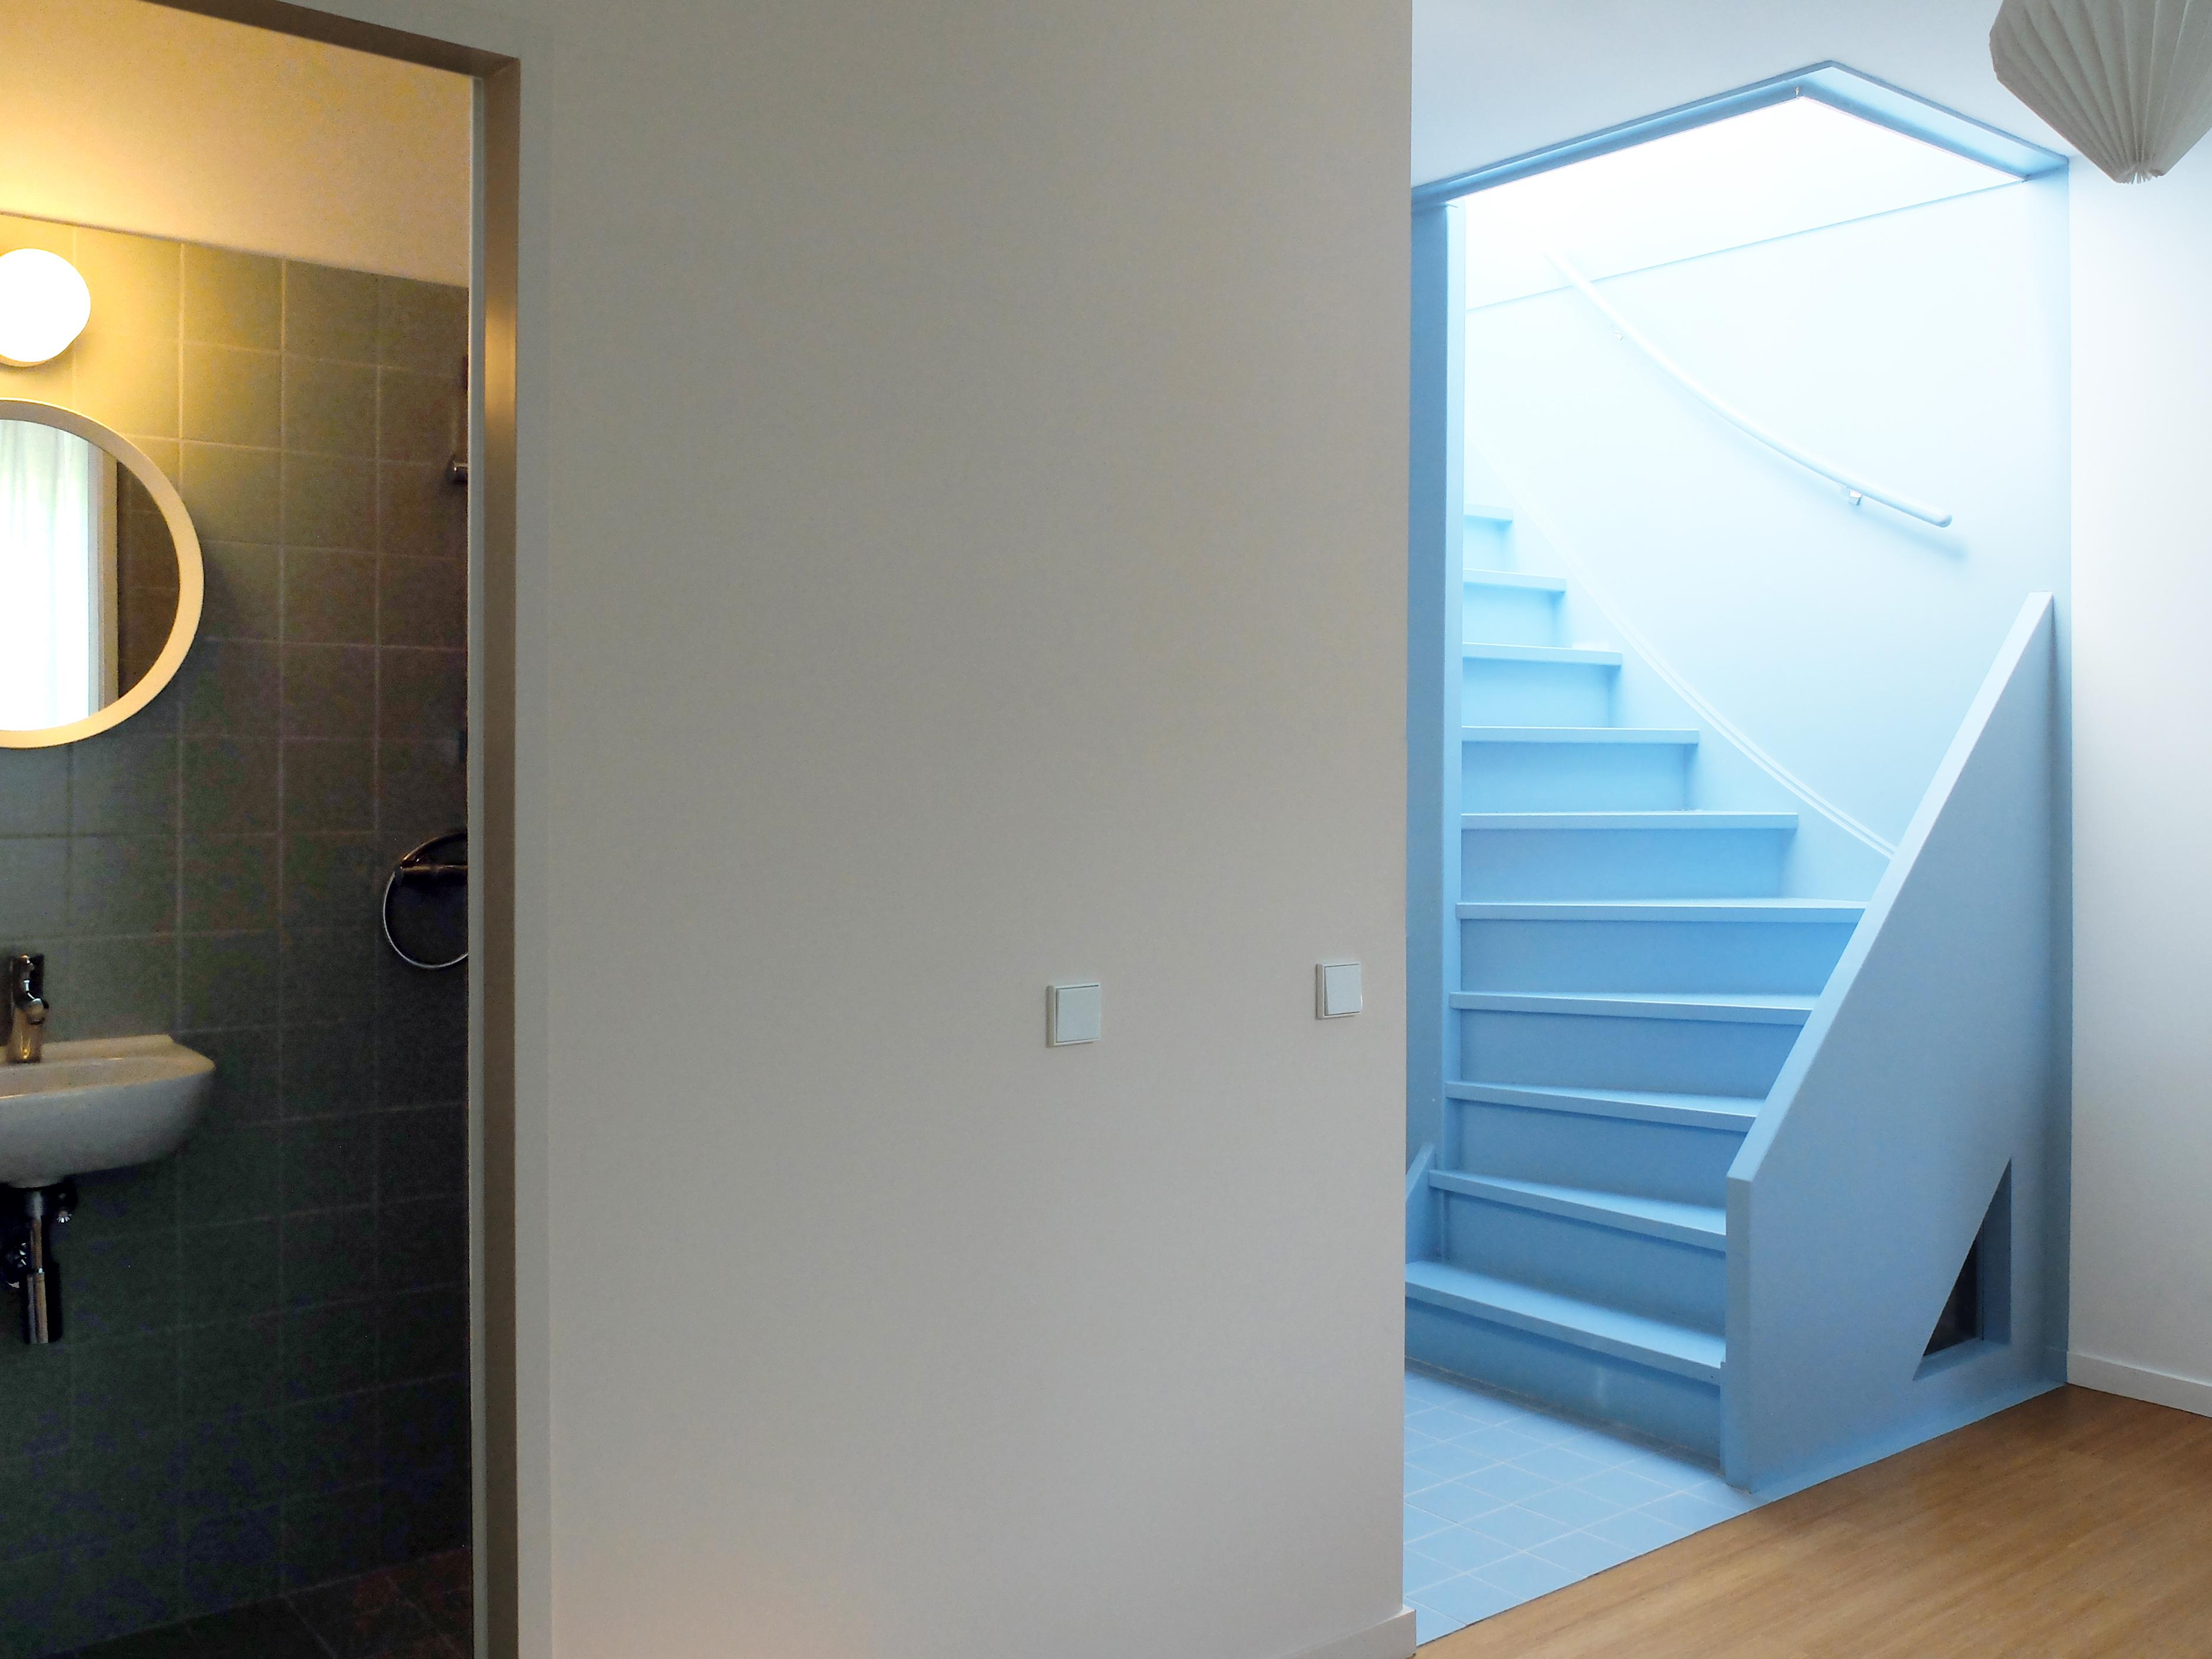 <p>De trap naar het dakterras. Via het driehoekige raampje valt er daglicht in de ondergelegen trap</p>